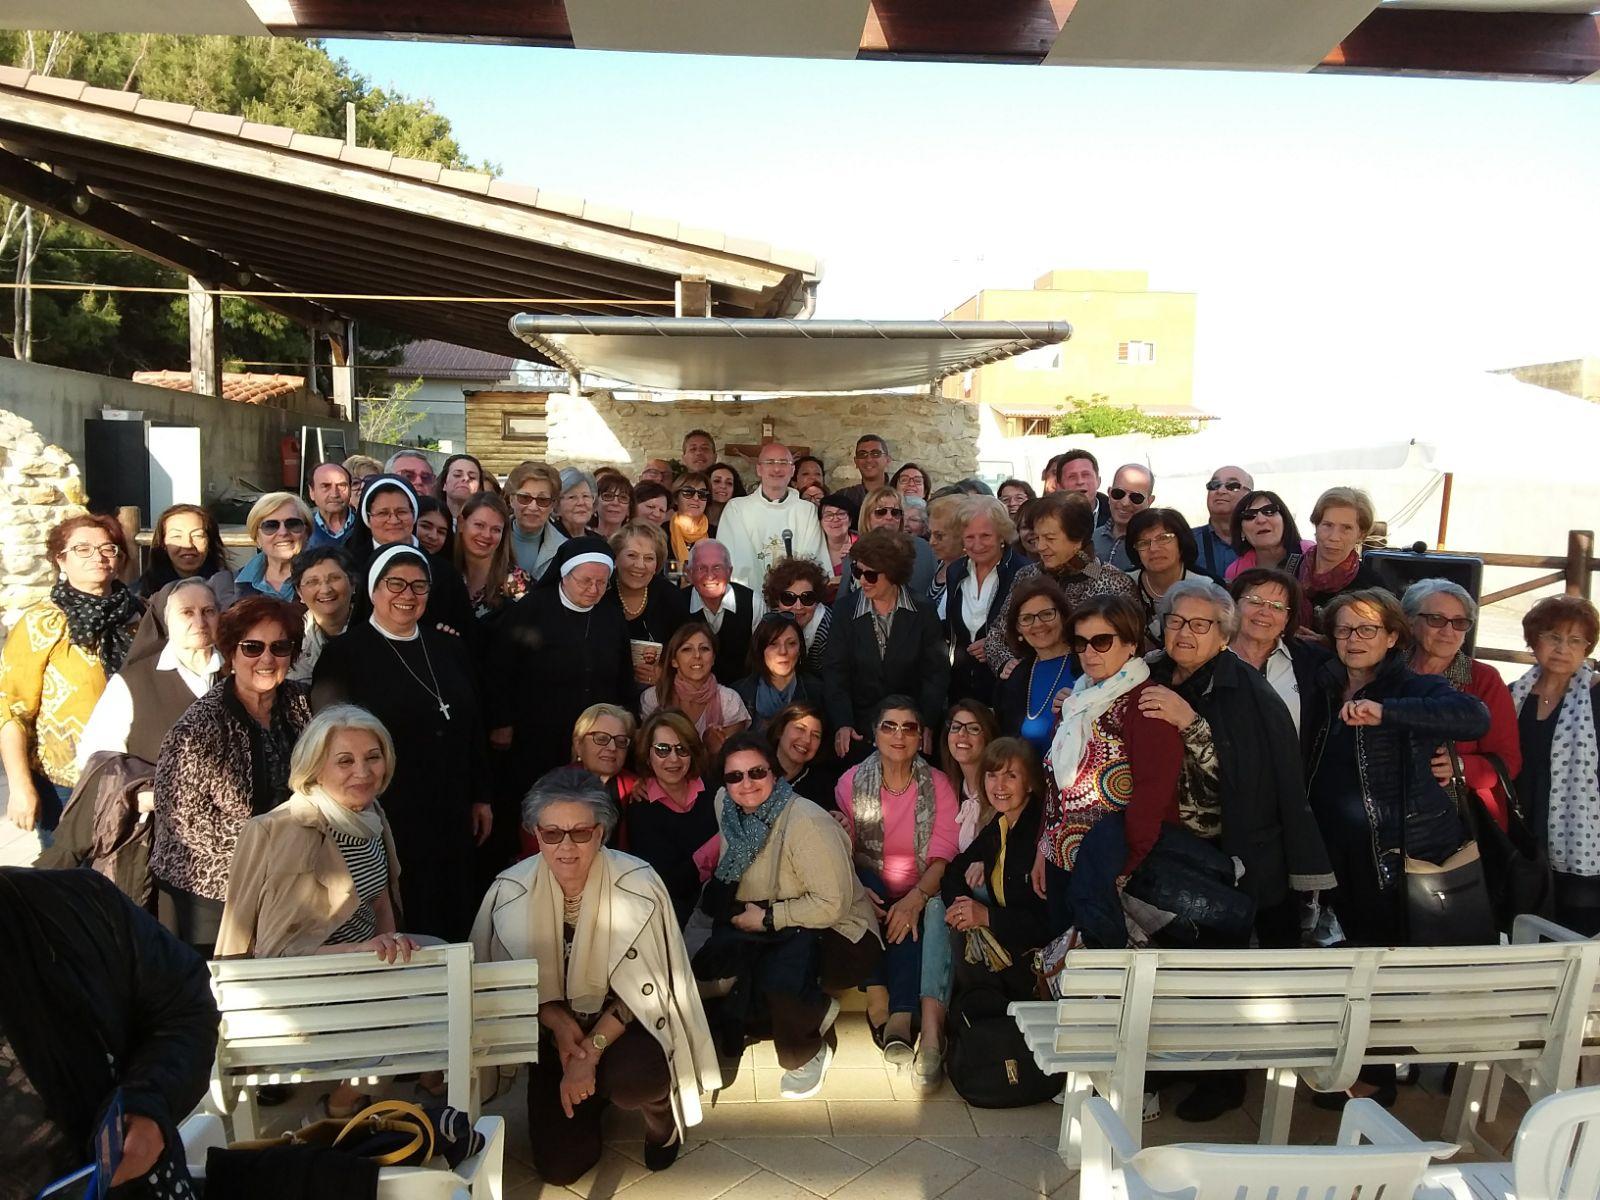 386 fedeli provenienti da Marsala, Petrosino, Mazara, Castelvetrano, Santa Ninfa, Salemi, Salaparuta, parteciperà alla messa del Papa a Palermo